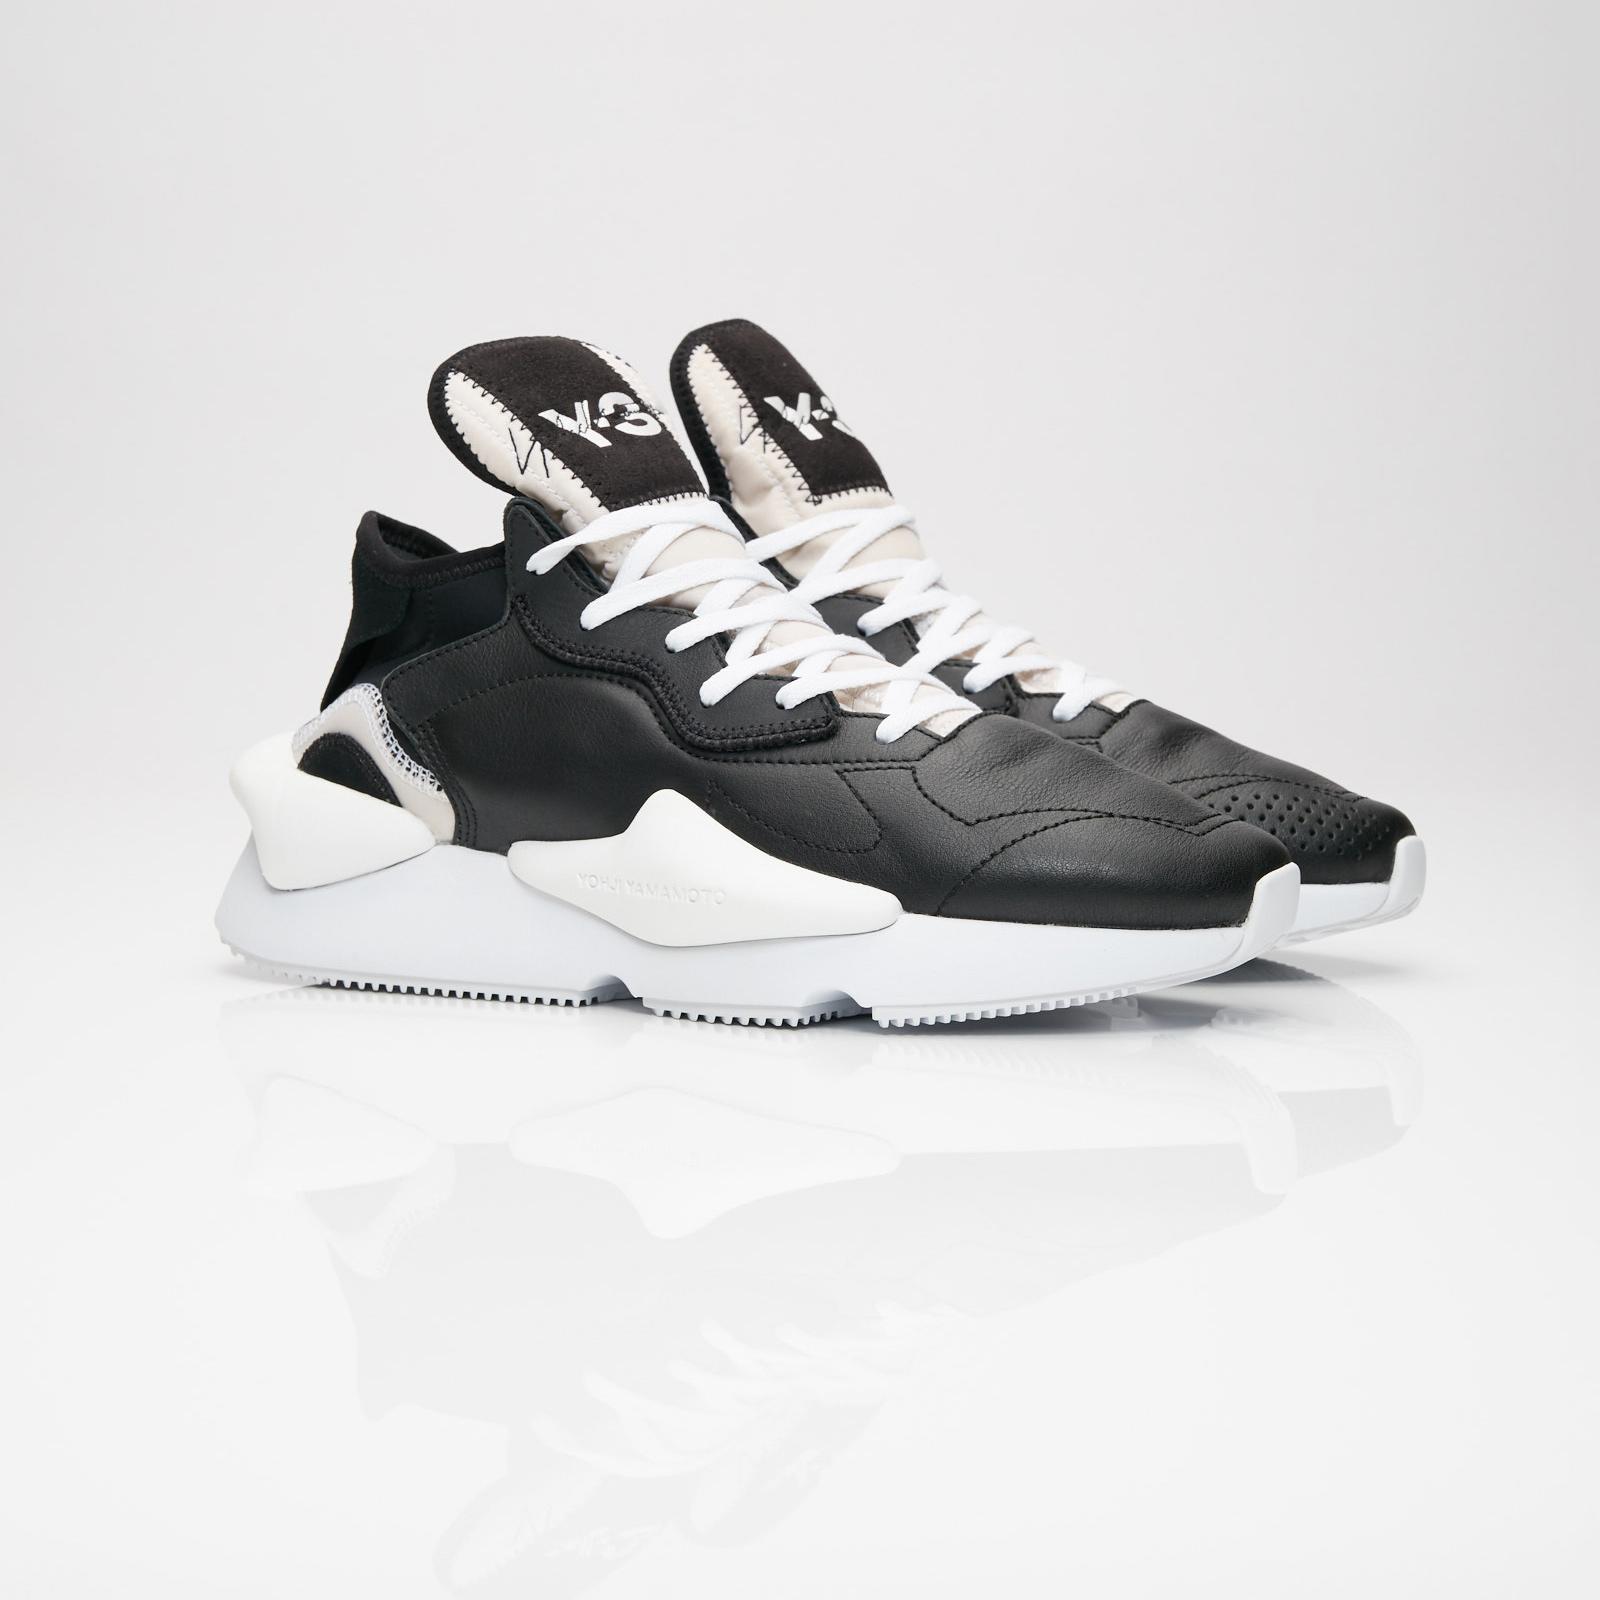 adidas Y 3 Kaiwa Bc0908 Basketsnstuff Baskets et streetwear streetwear streetwear 515a79